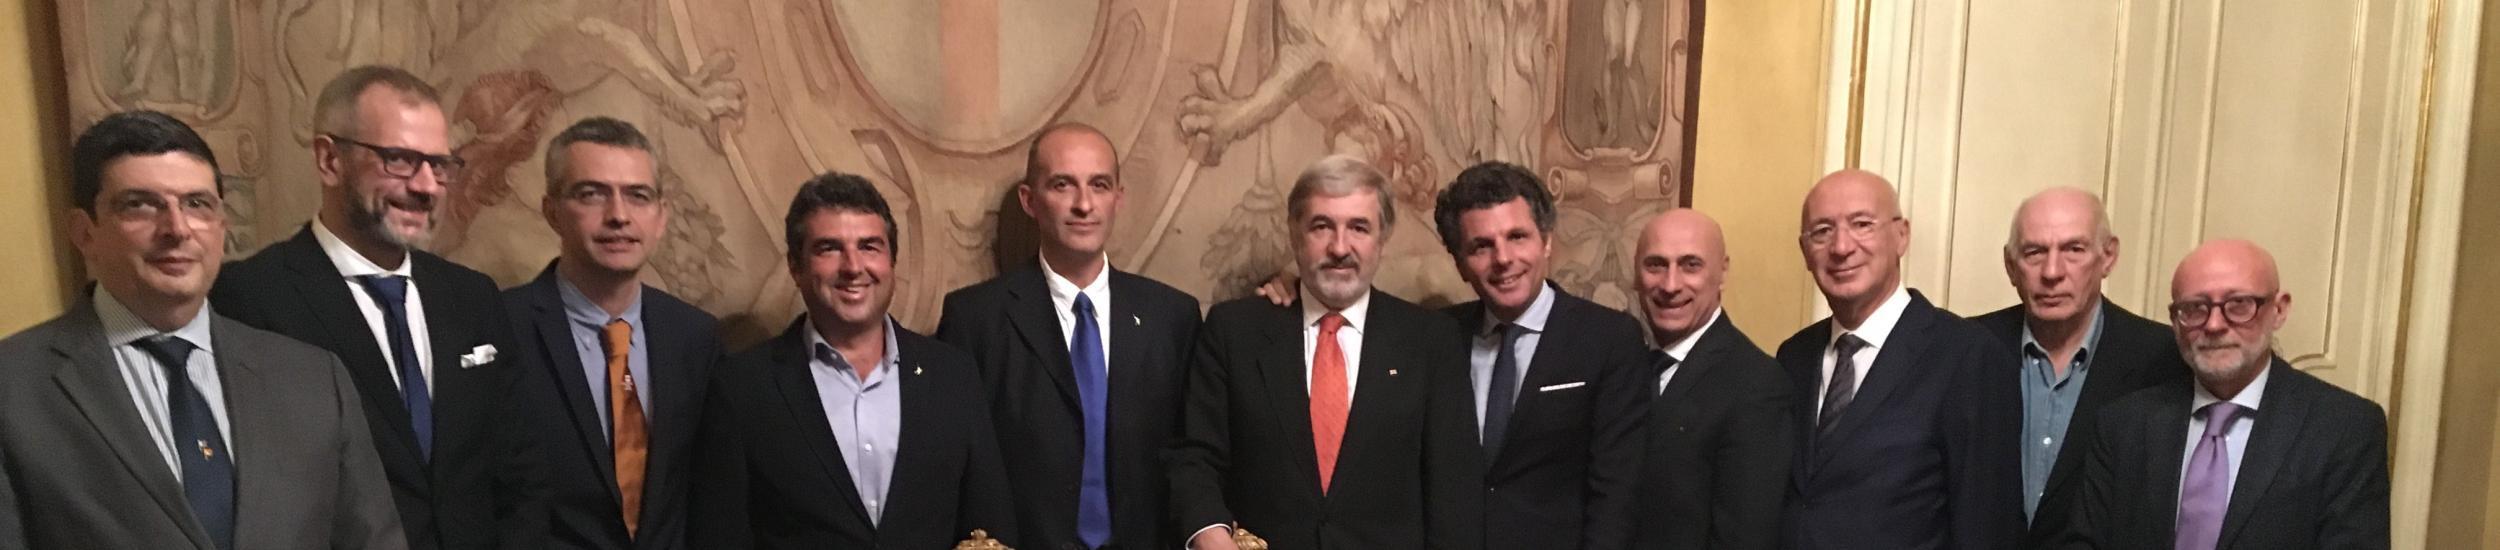 Foto di gruppo dei Consiglieri Delegati